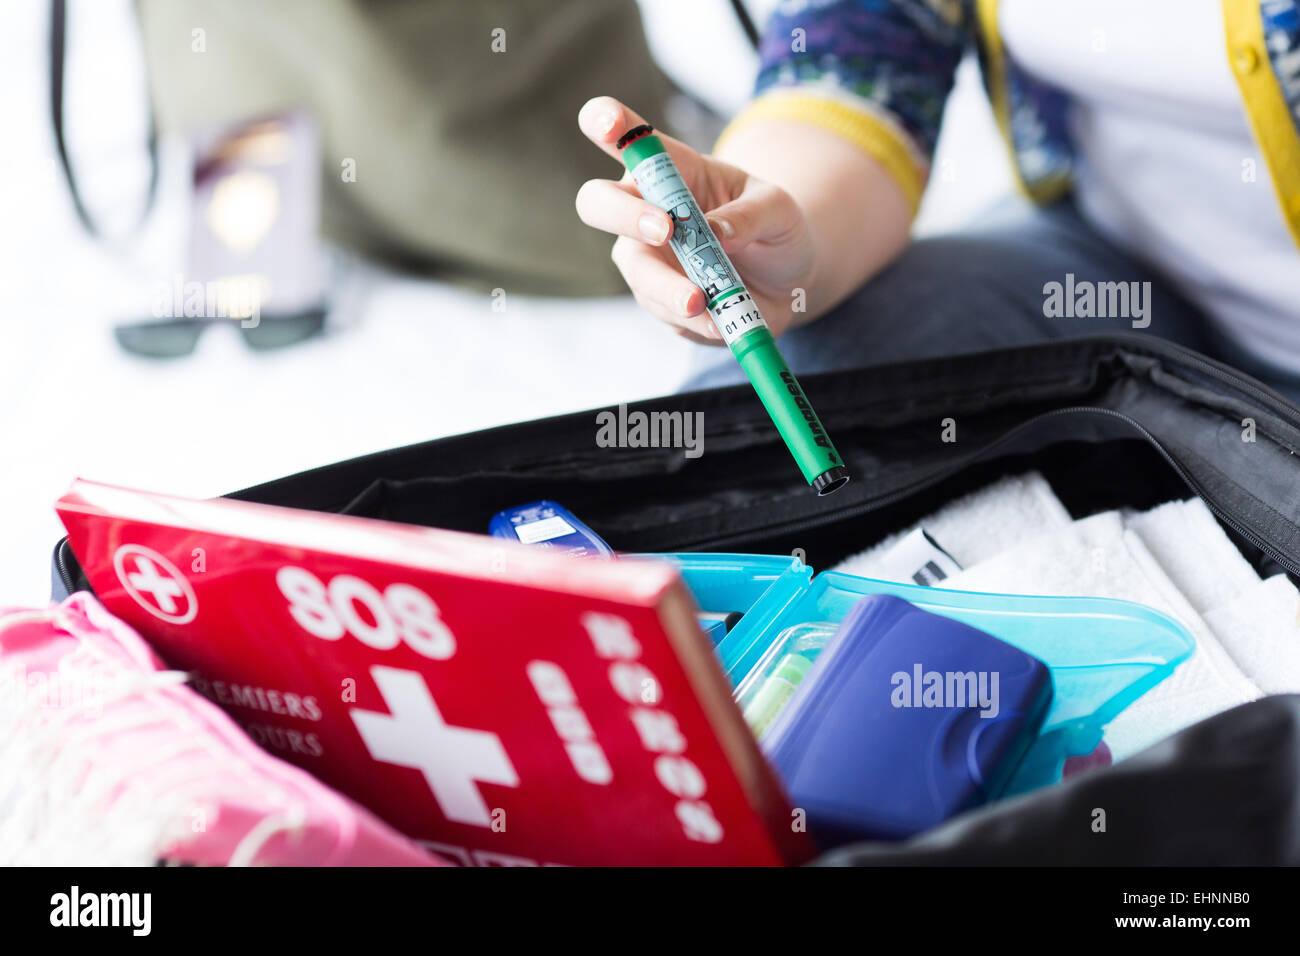 Anapen®, Adrenalin-Autoinjektor, eine Notfallbehandlung bei anaphylaktische oder anaphylaktoide Schock (Allergien, Stockbild